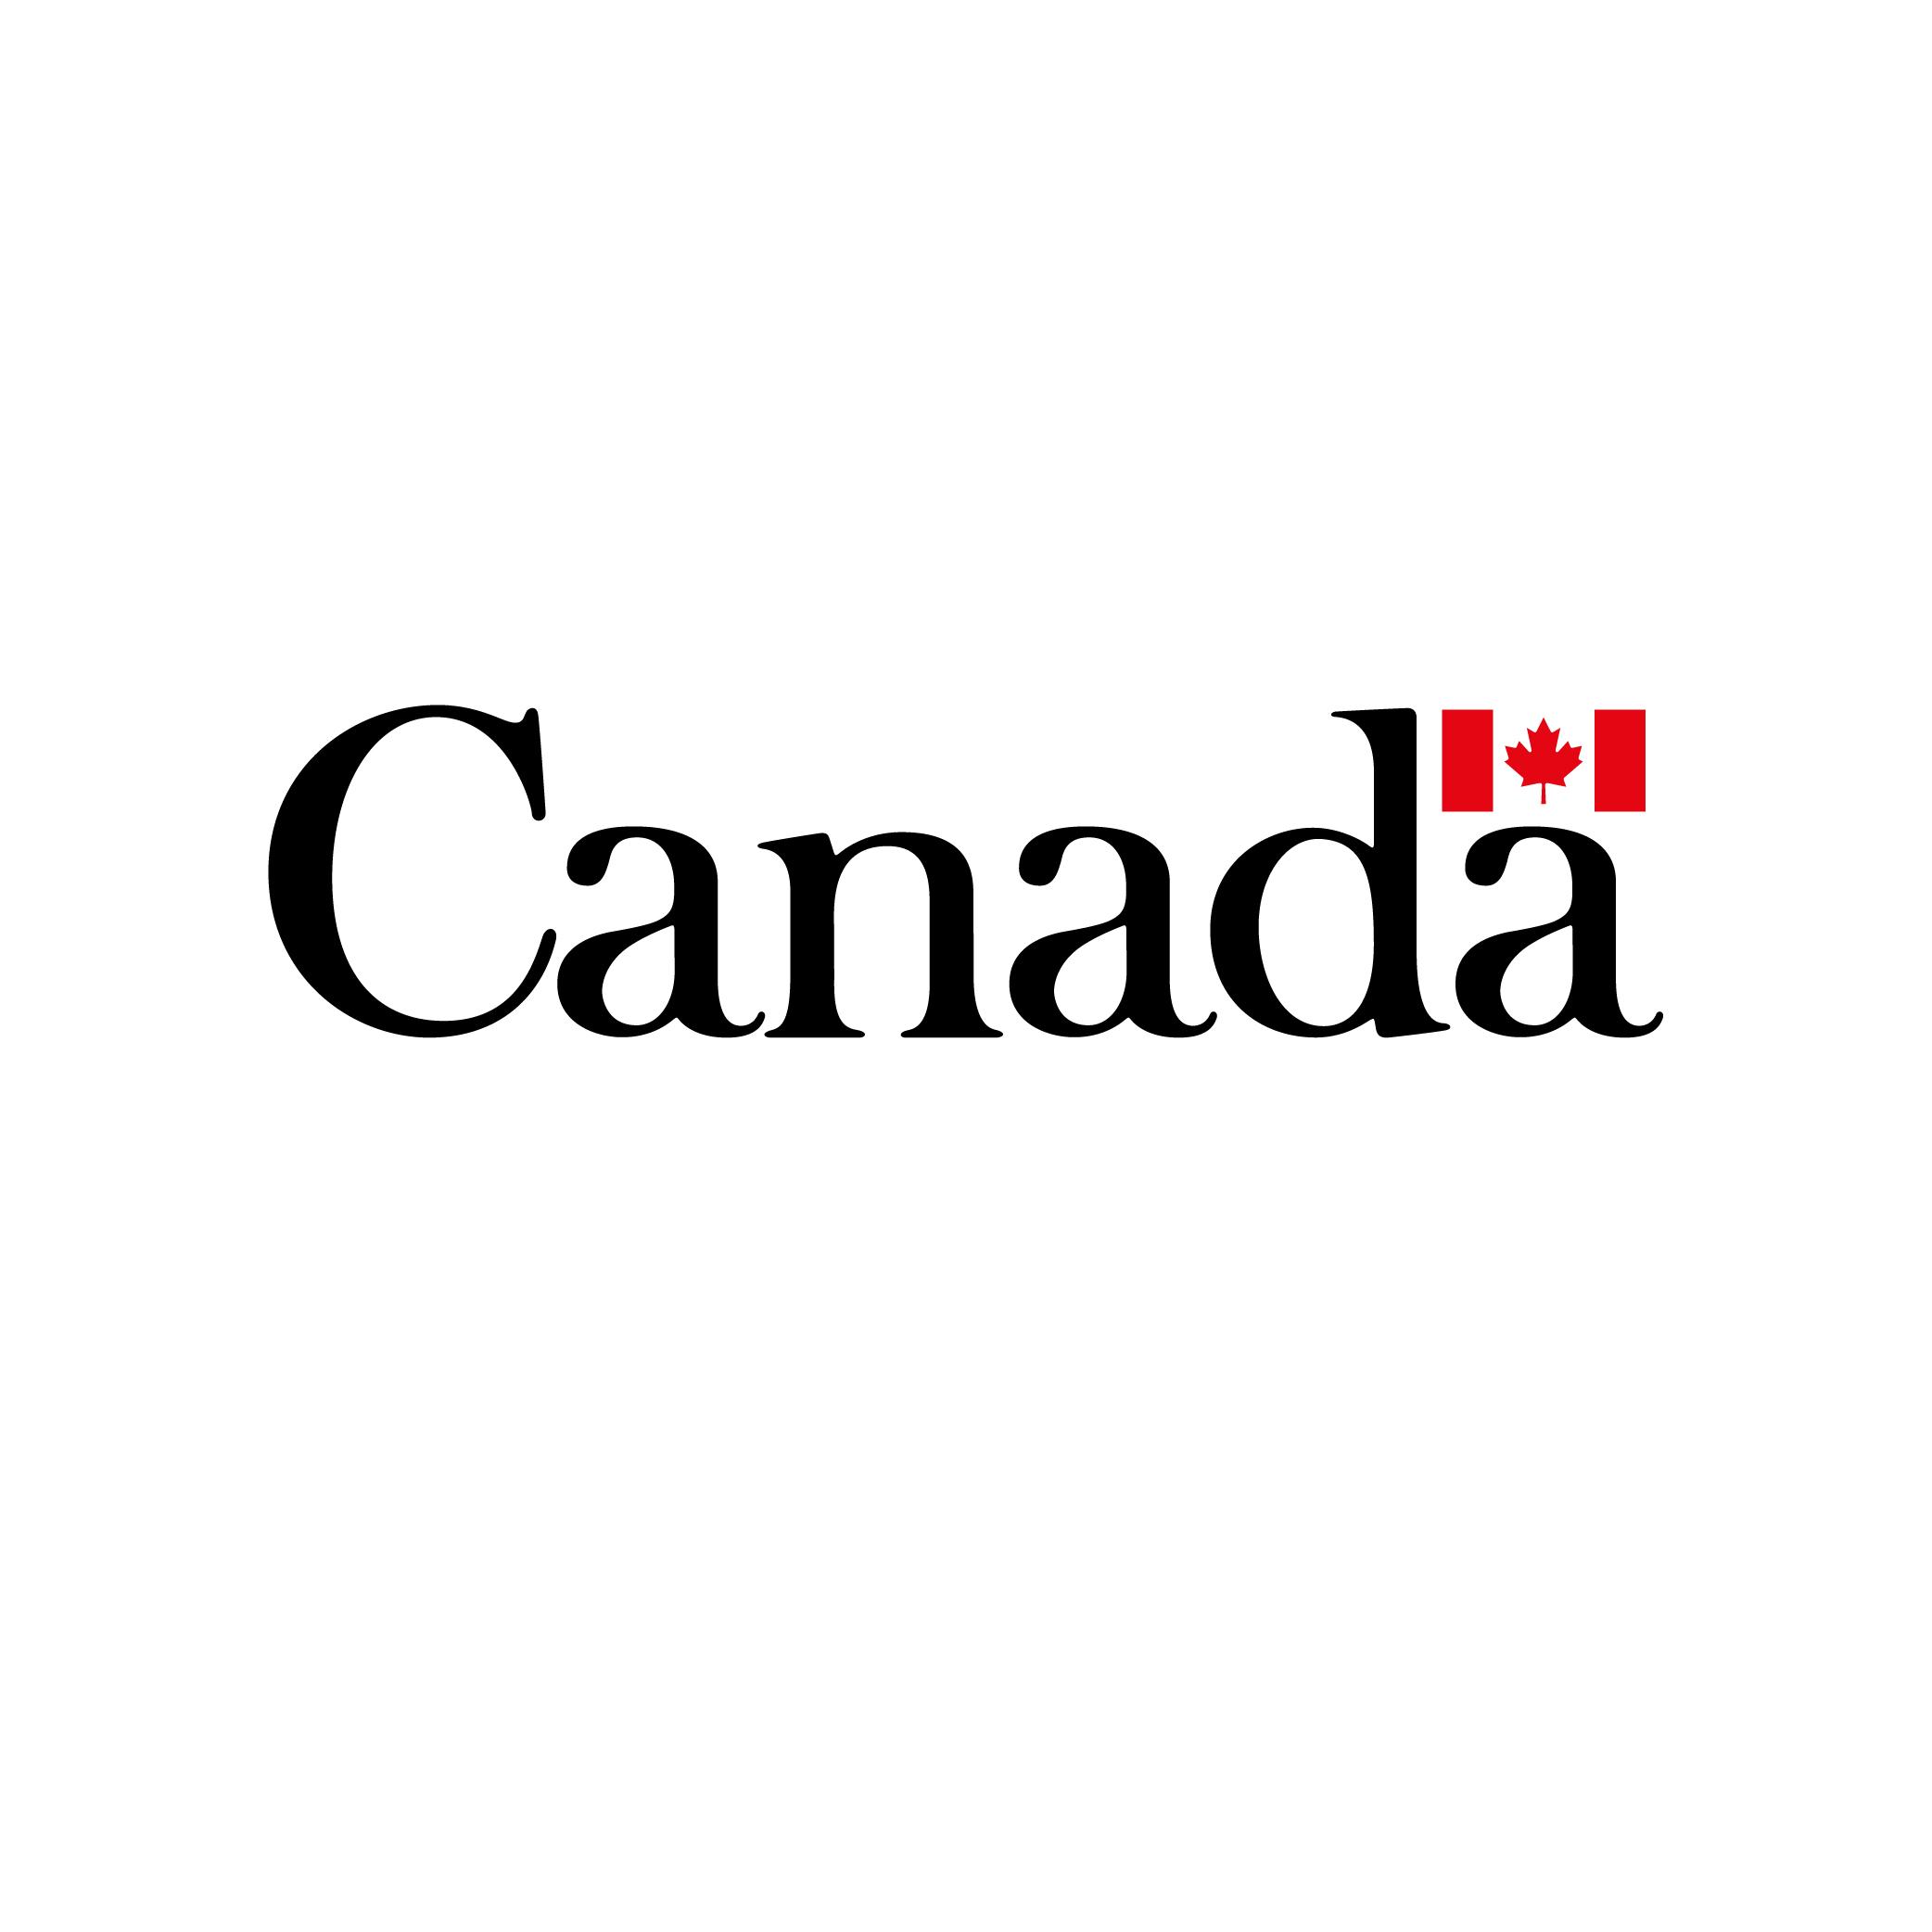 Canada signature